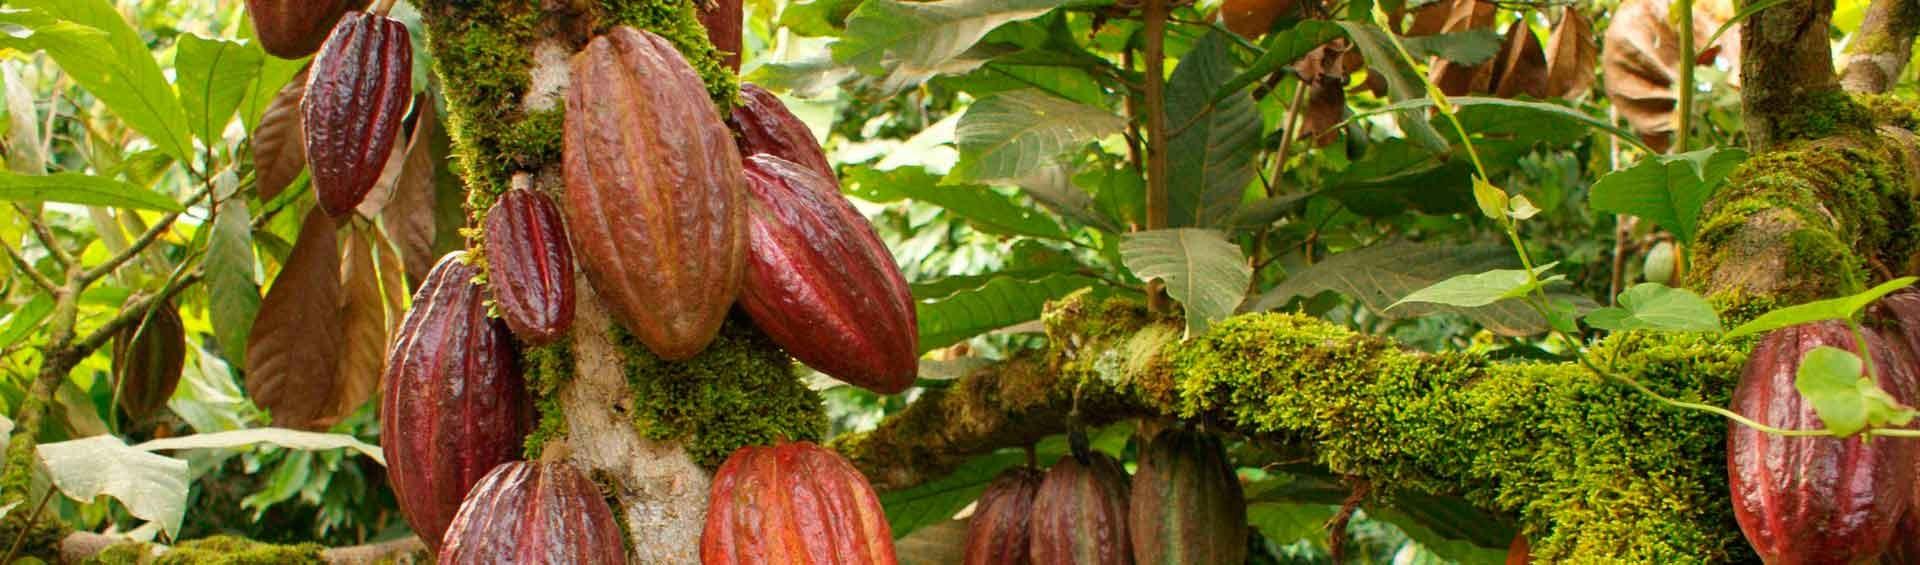 Chuao, un cacao único